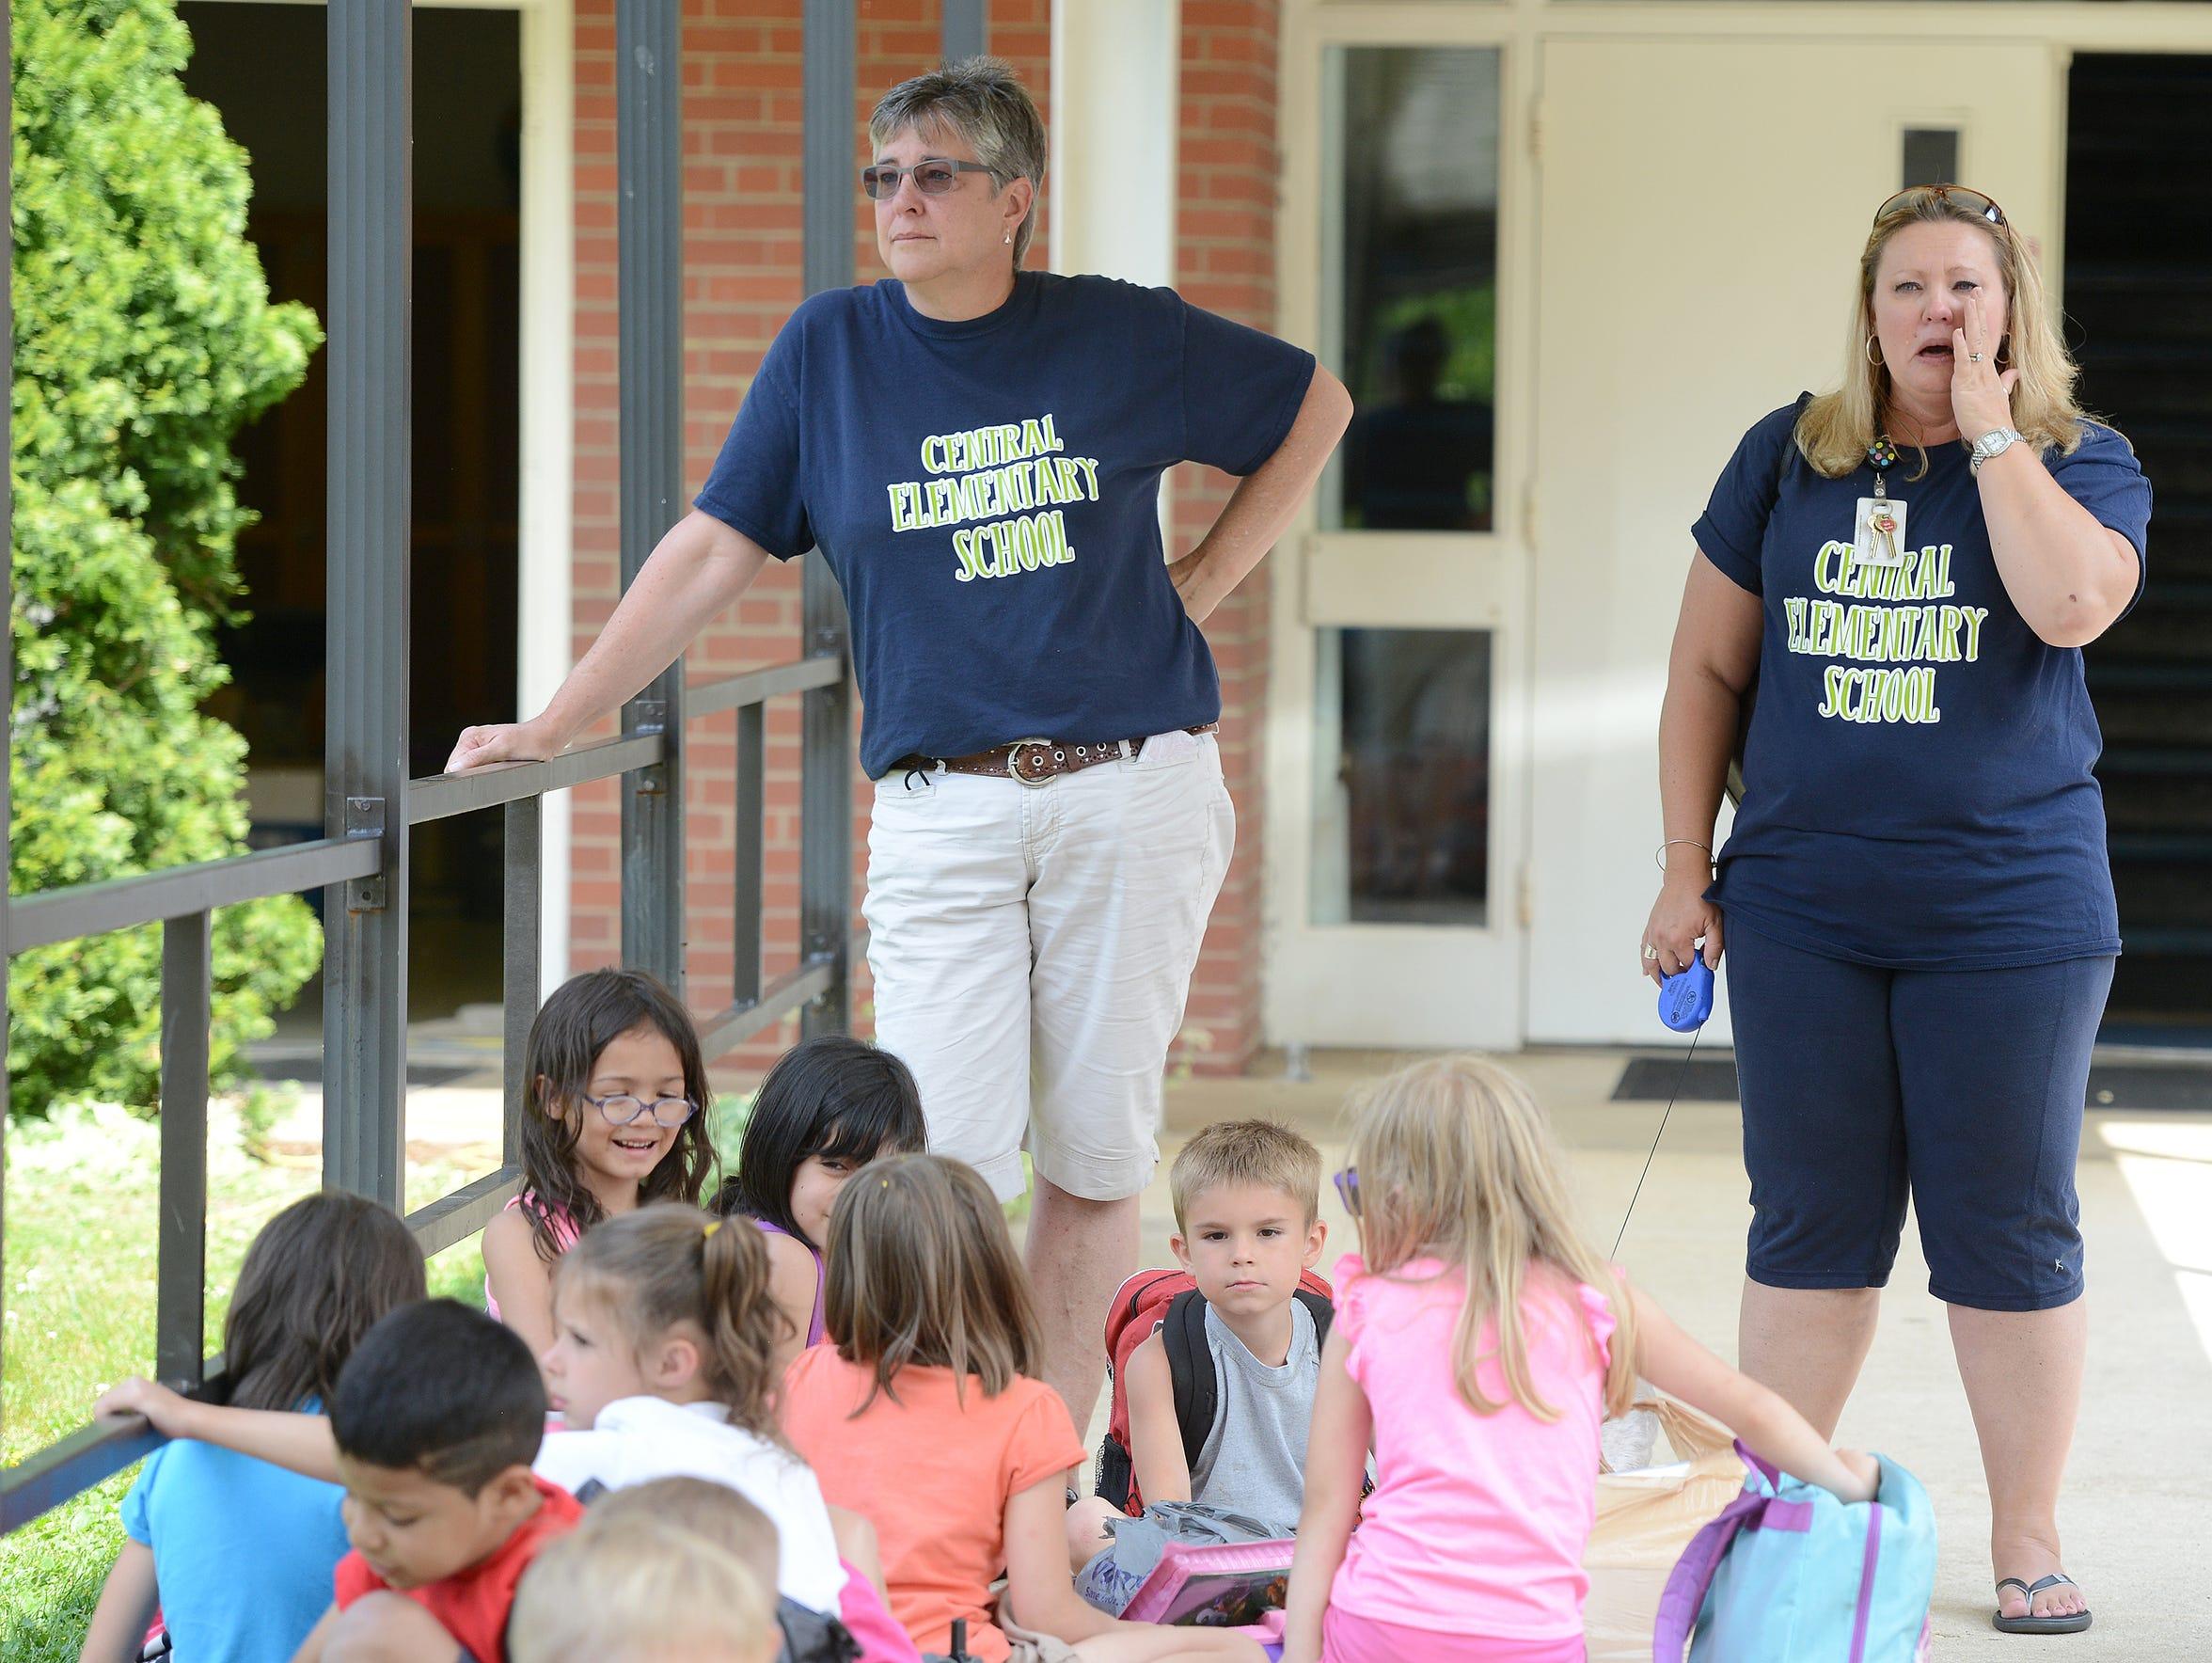 First grade teachers Gail Noland, left, and Sharon